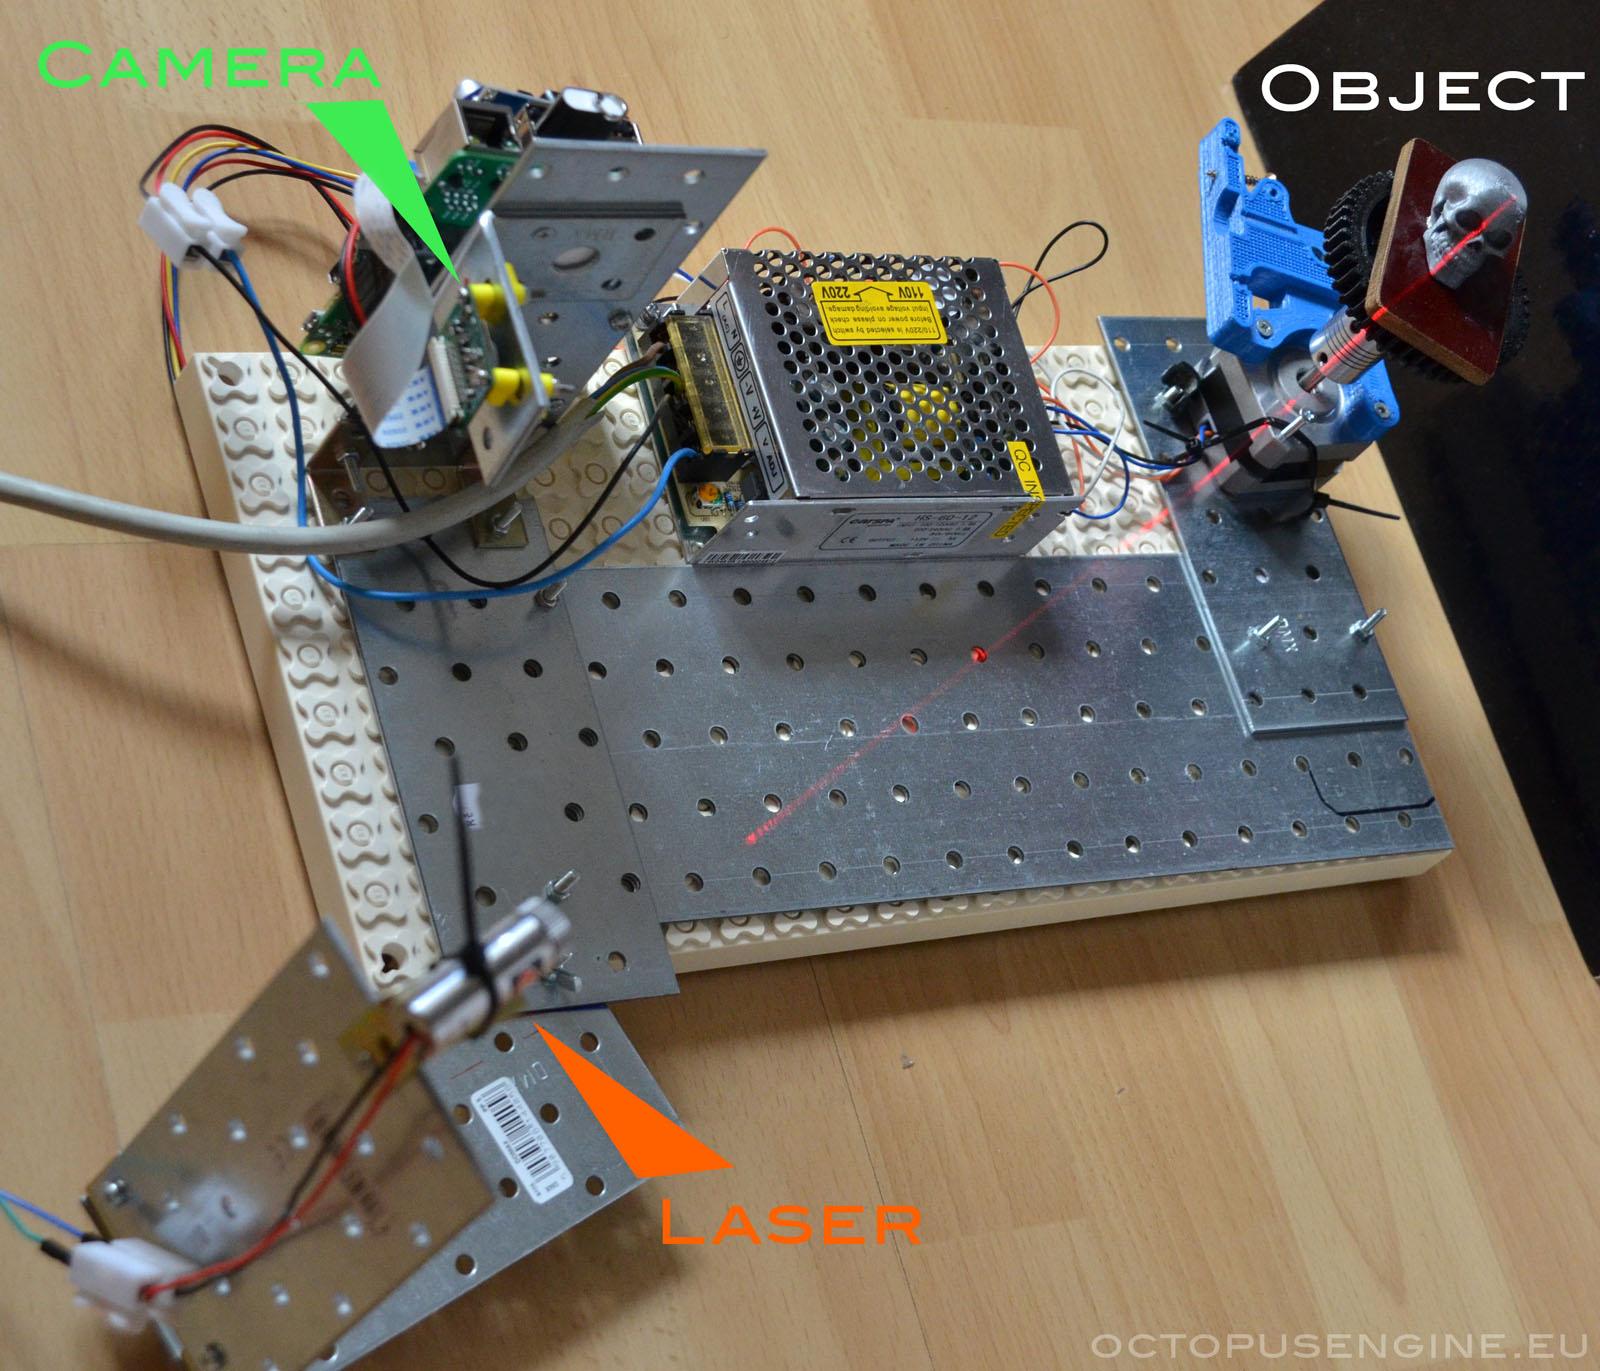 scanner-hardware1.jpg